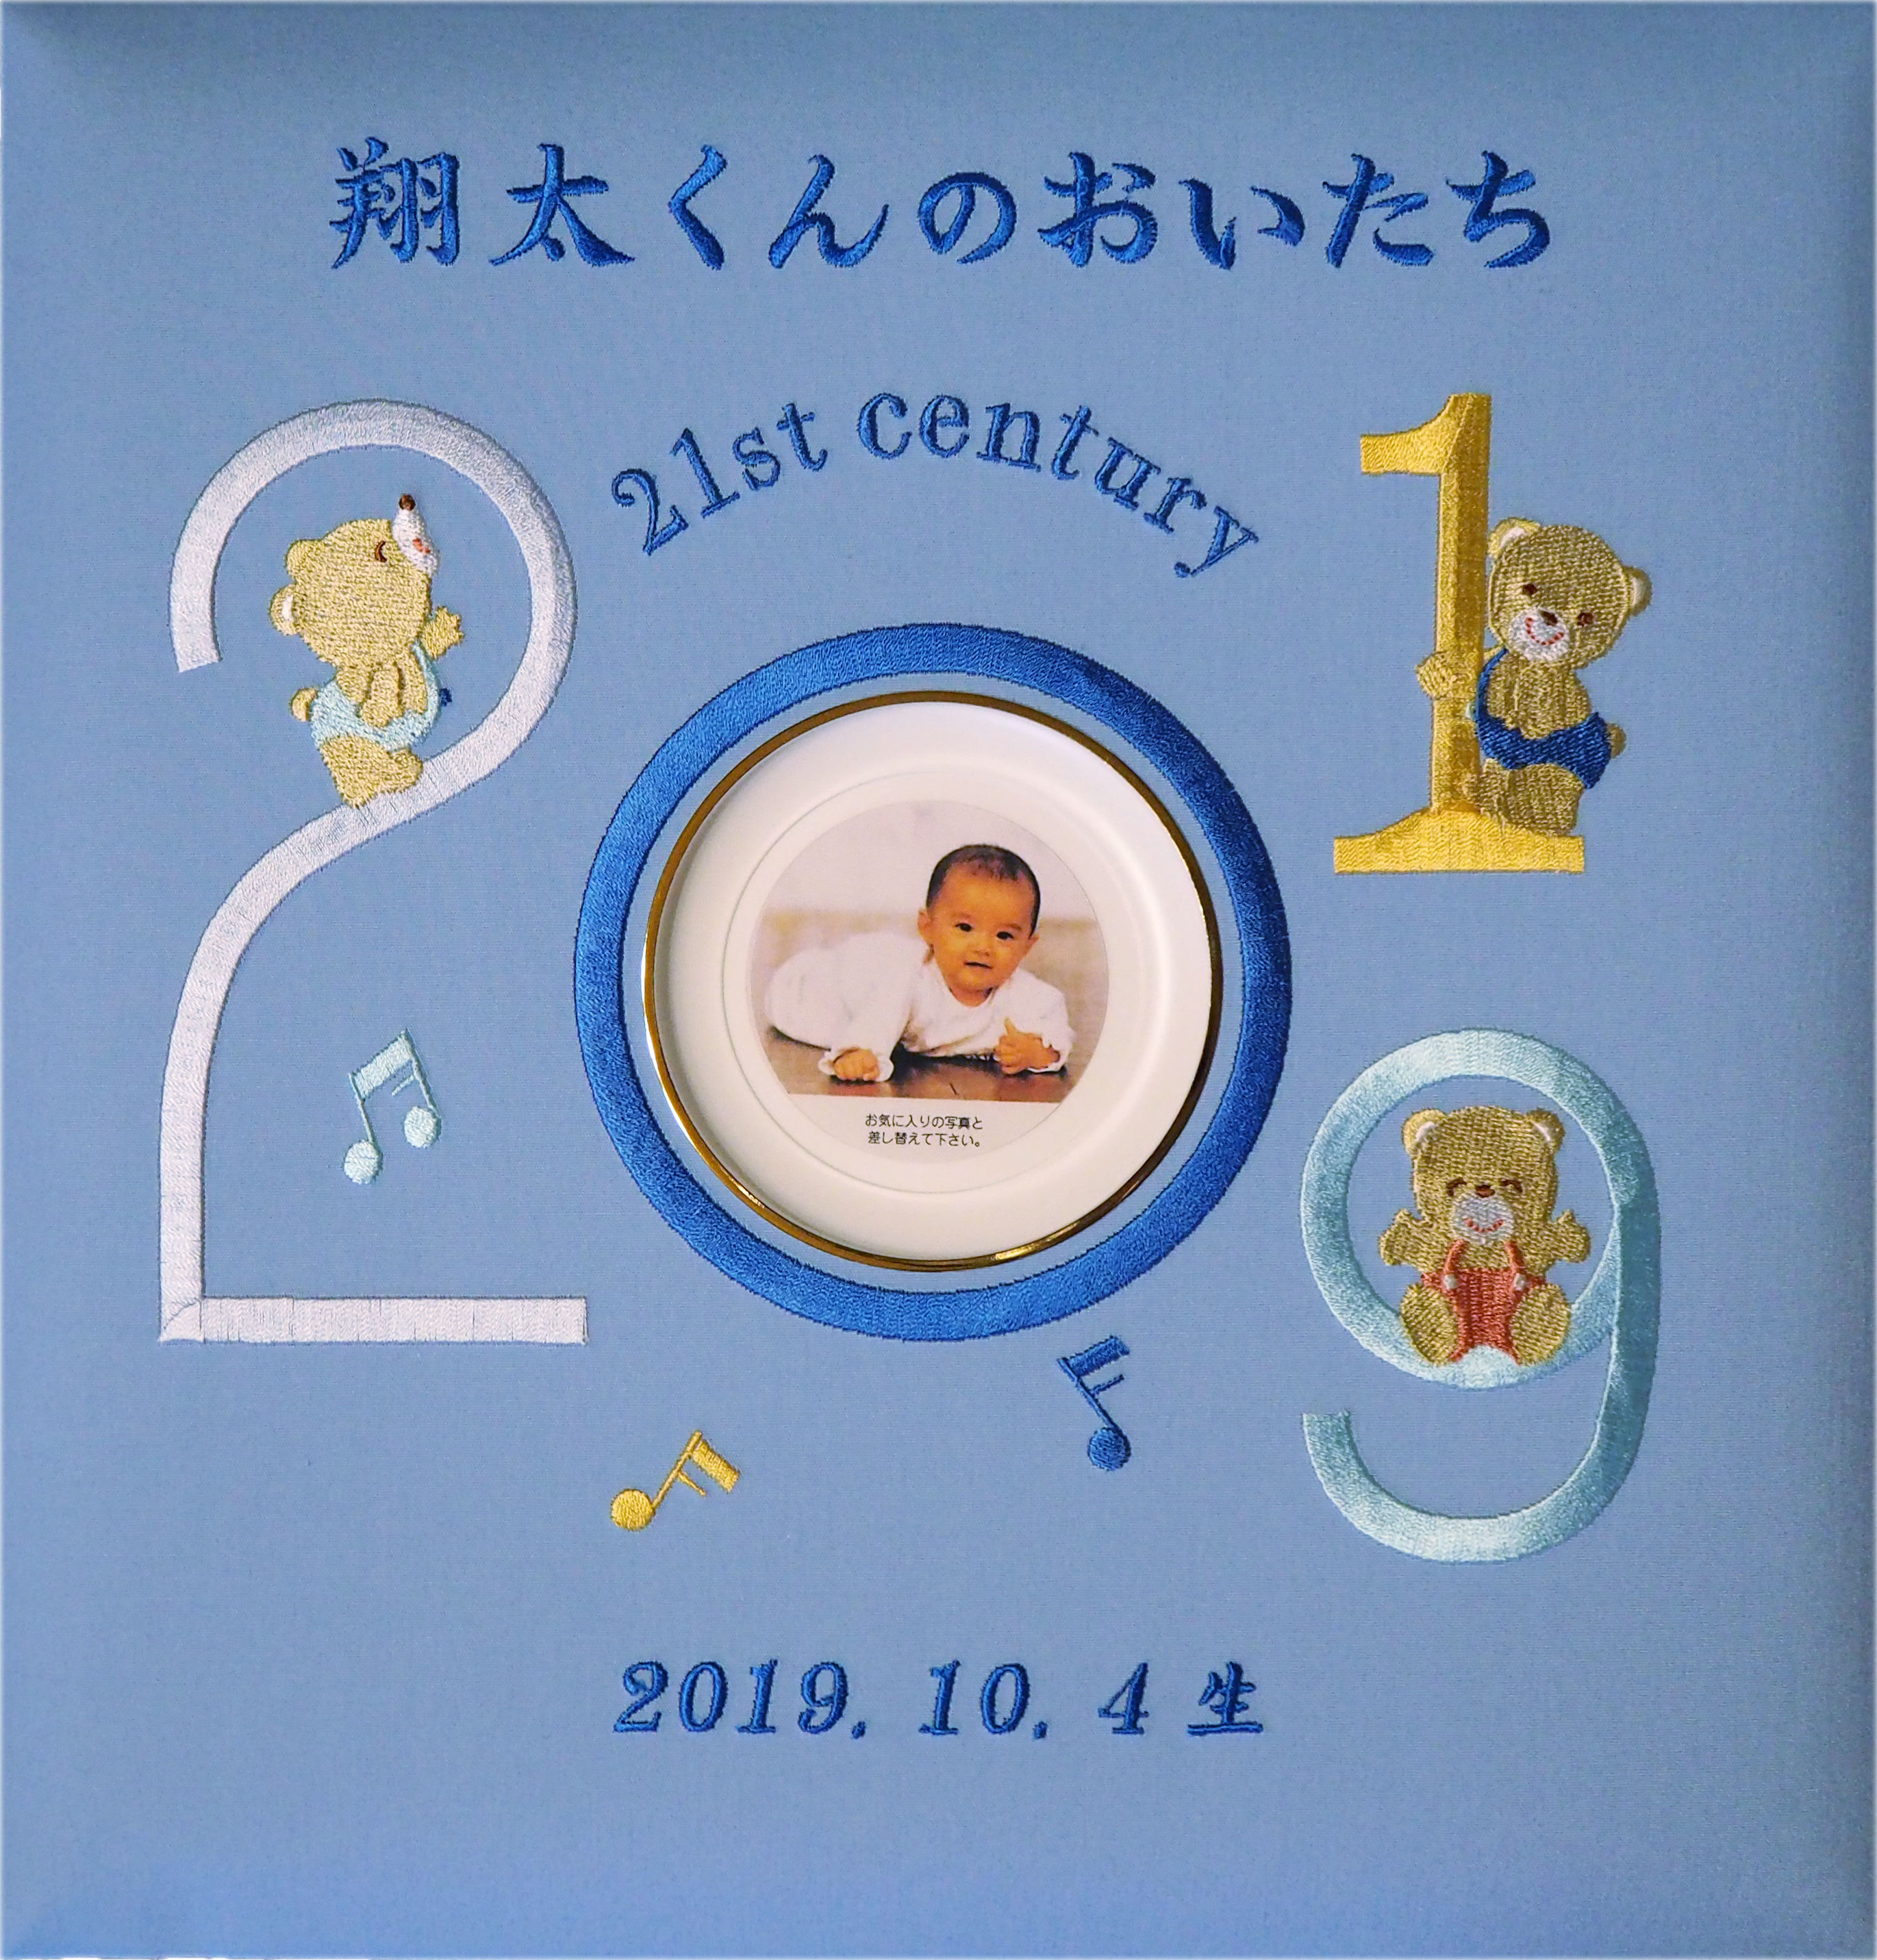 出産祝いに 名入れベビーアルバム★ハッピーアルバム(千代田アルバム) [センチュリー2019・ブルー](LB70-2019-B)|